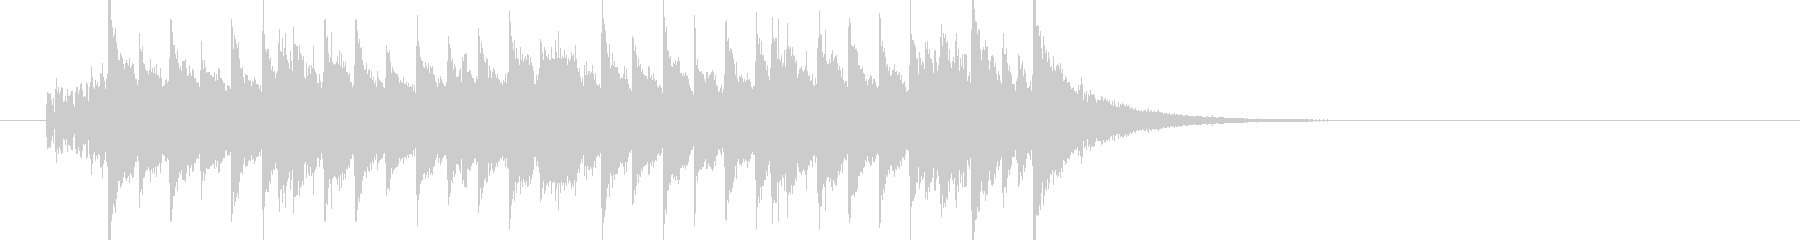 キラキラポップなマーチ風ジングル(M)の未再生の波形